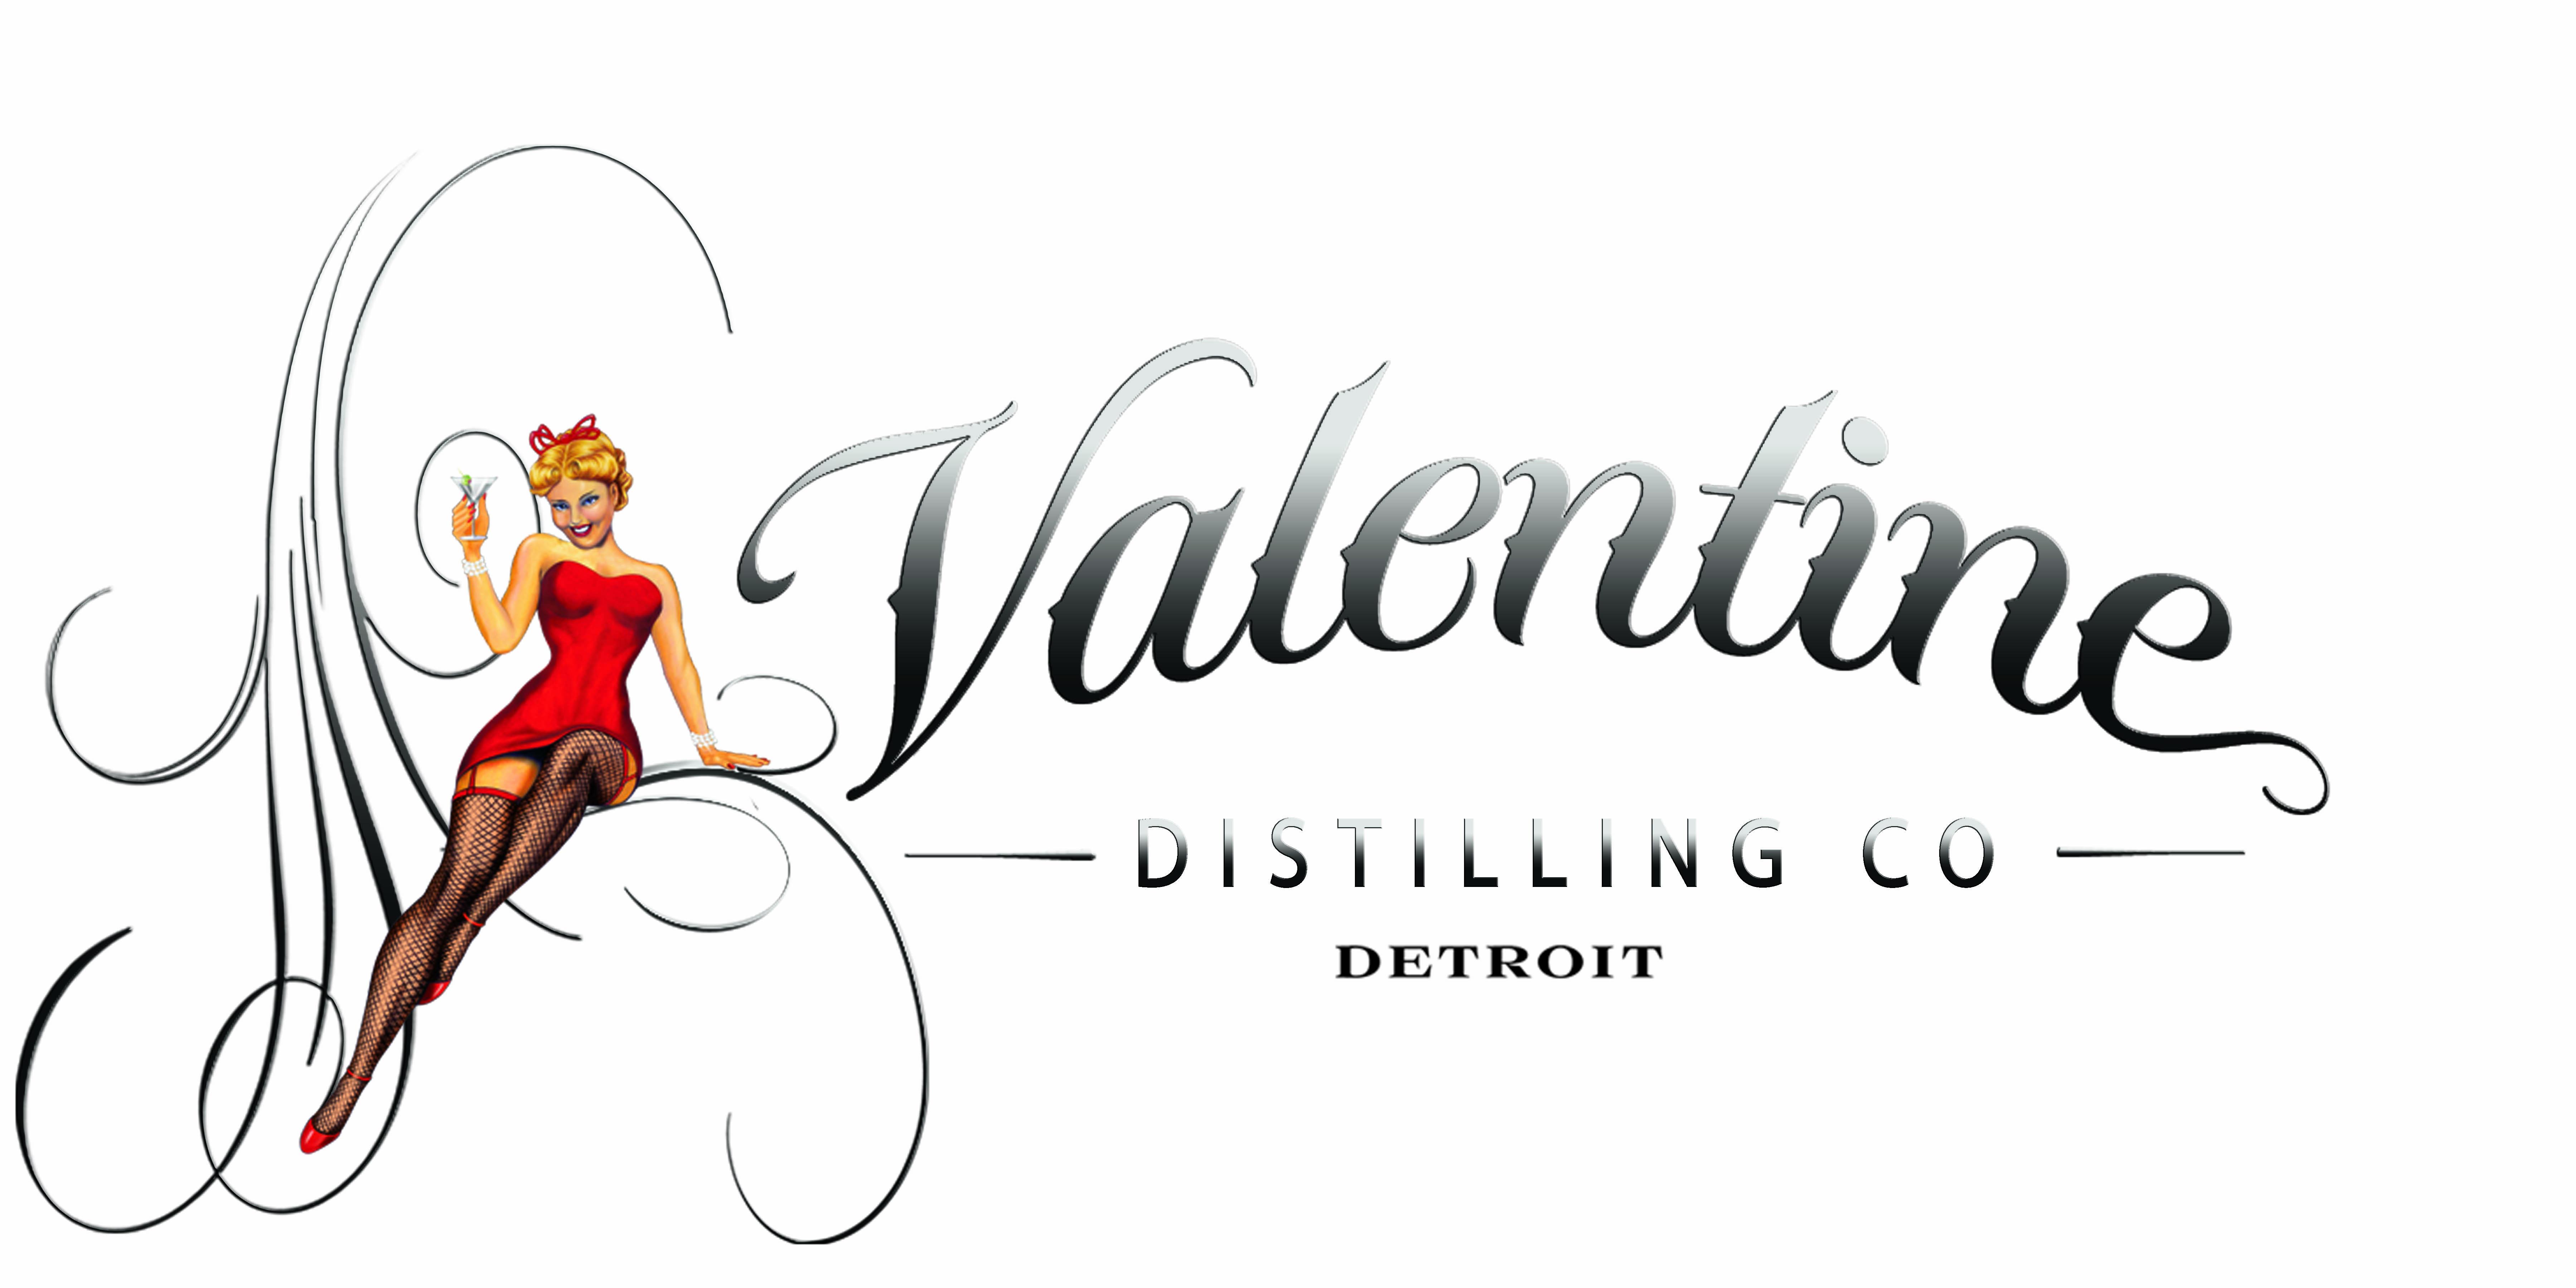 Fesselnd Valentine Distilling